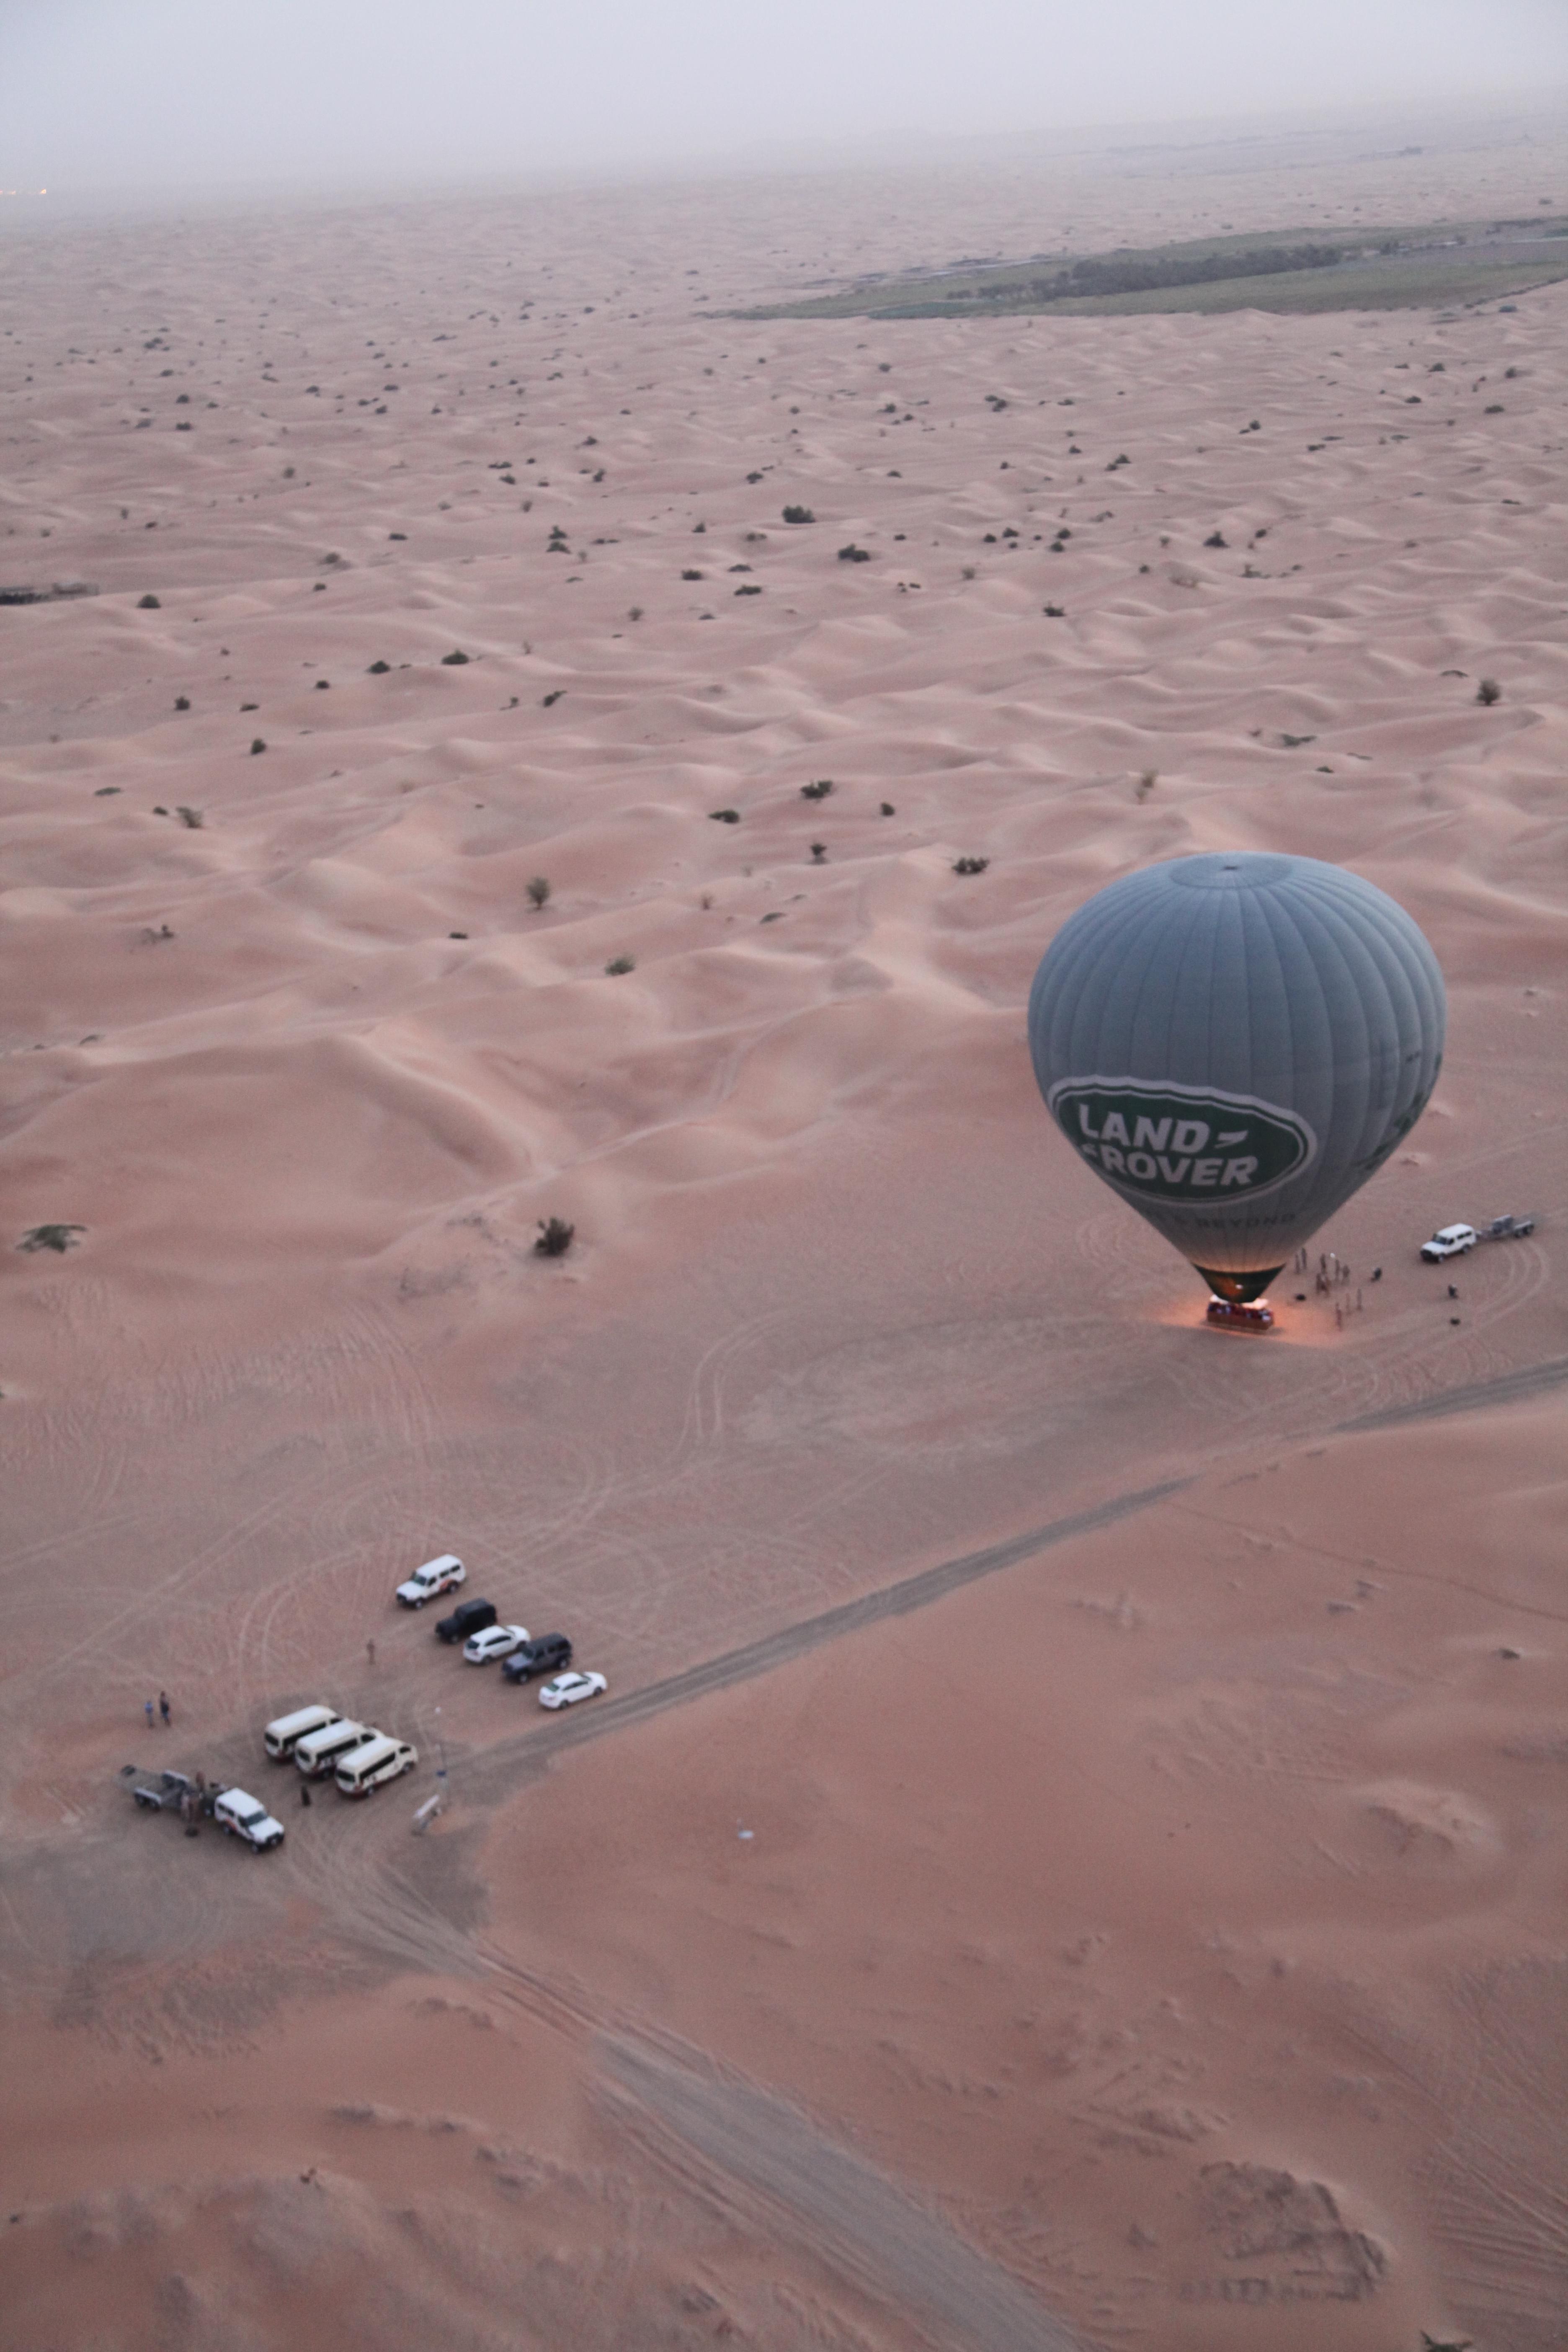 sunrise-desert-hot-air-balloon-dubai-lustforthesublime